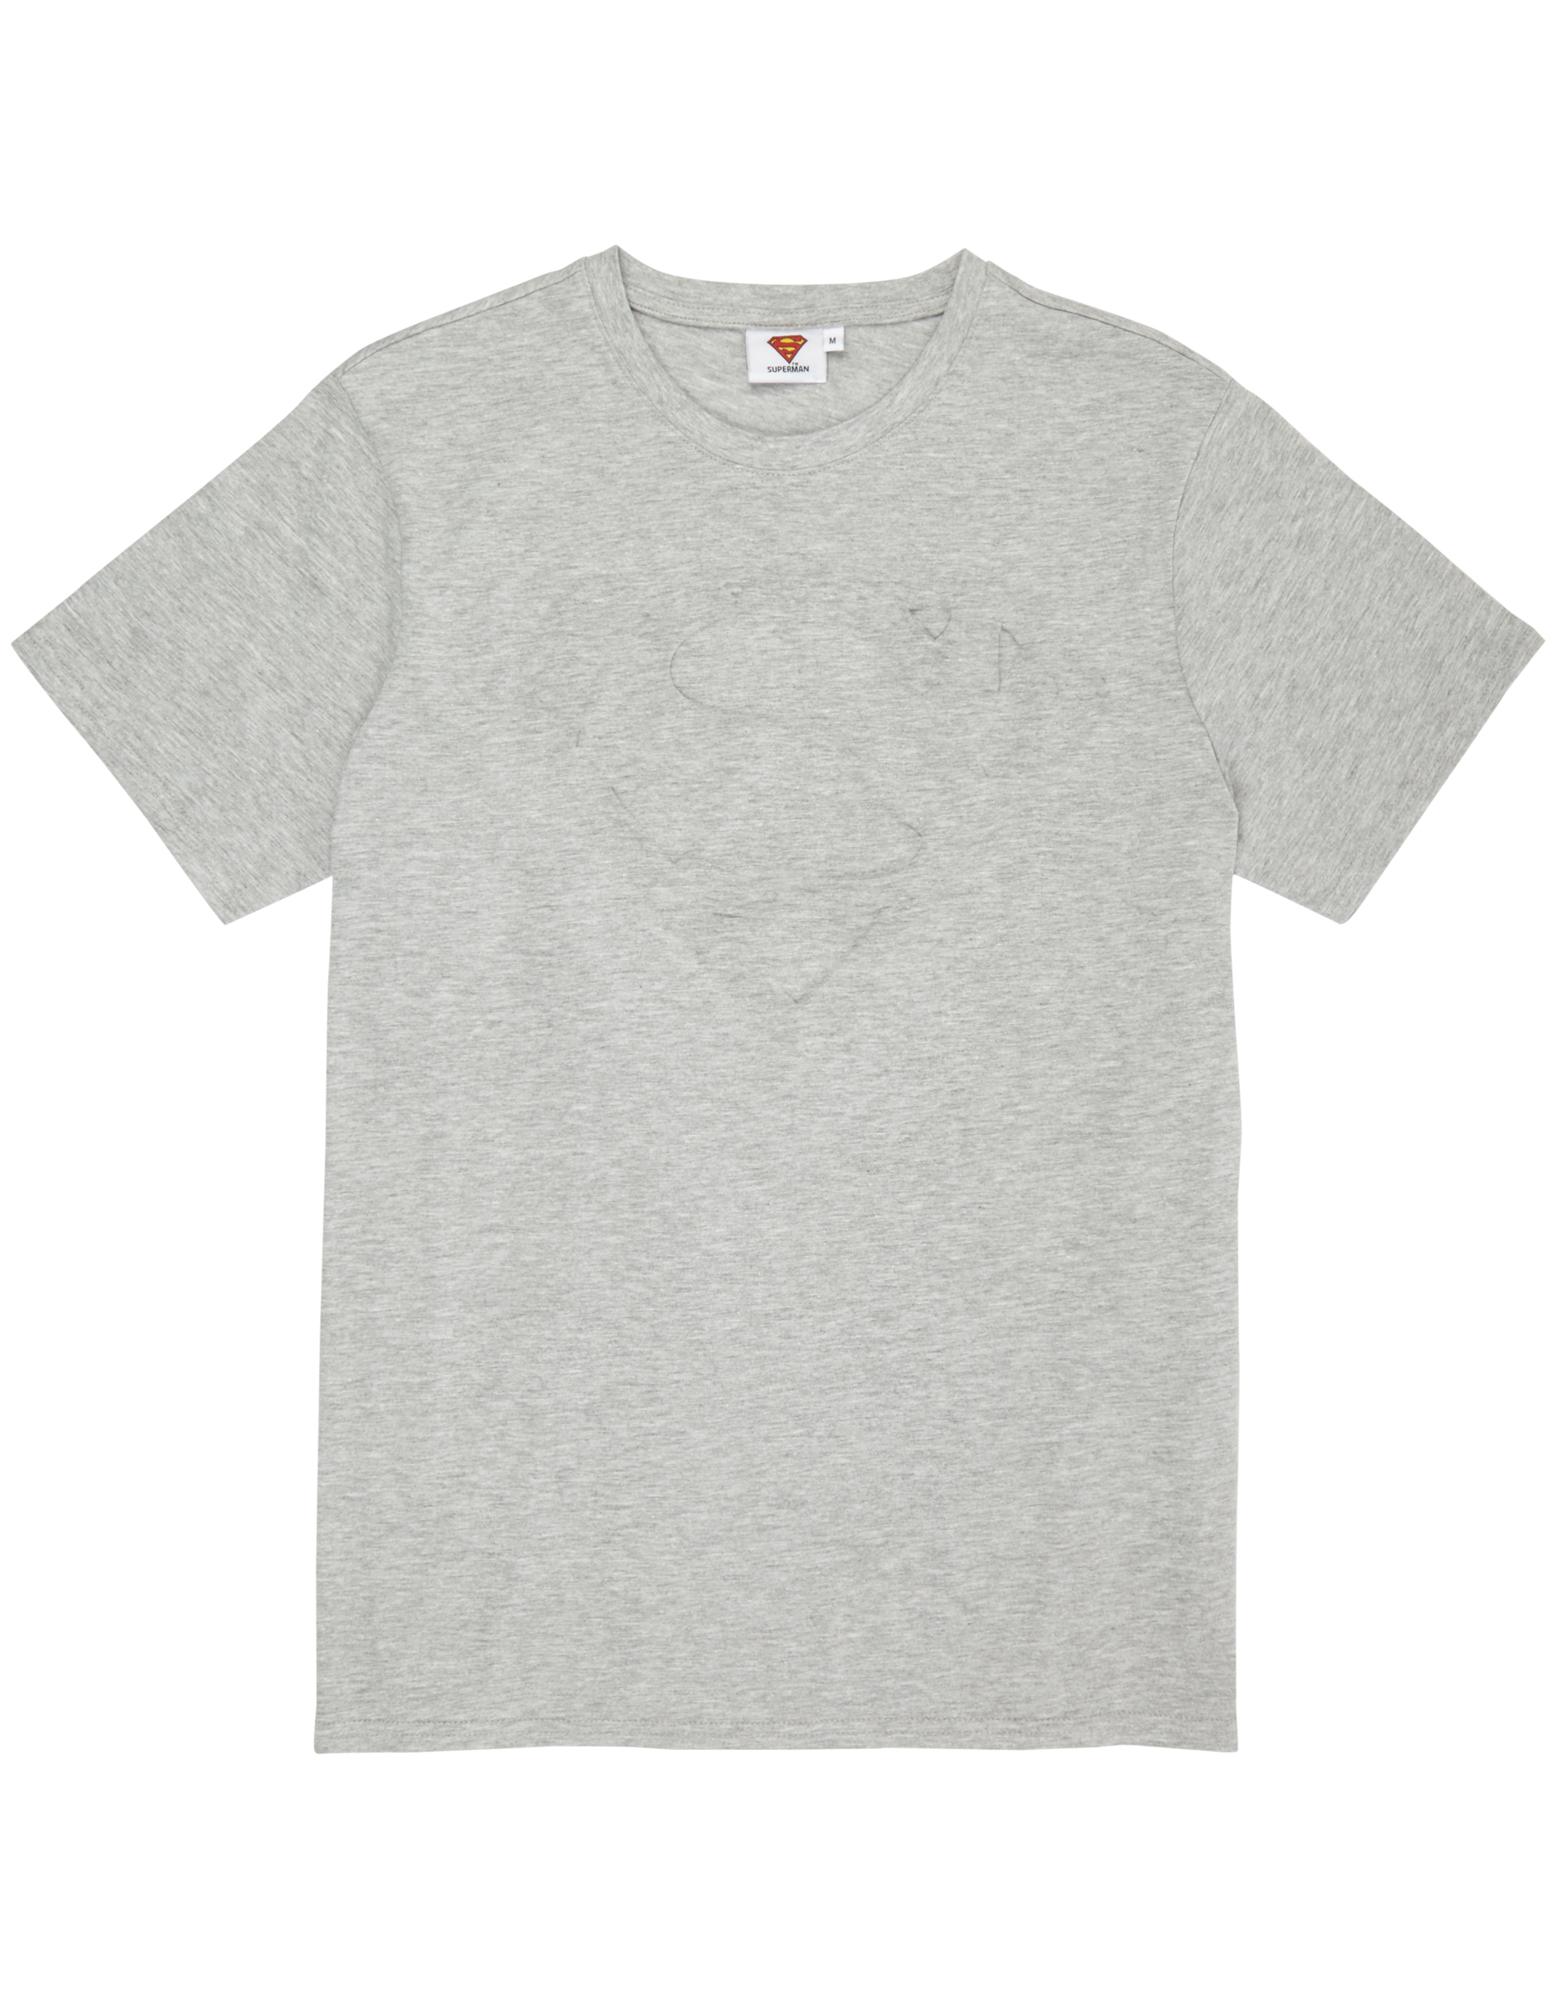 Herren T-Shirt mit Superman-Motiv    81430901590303